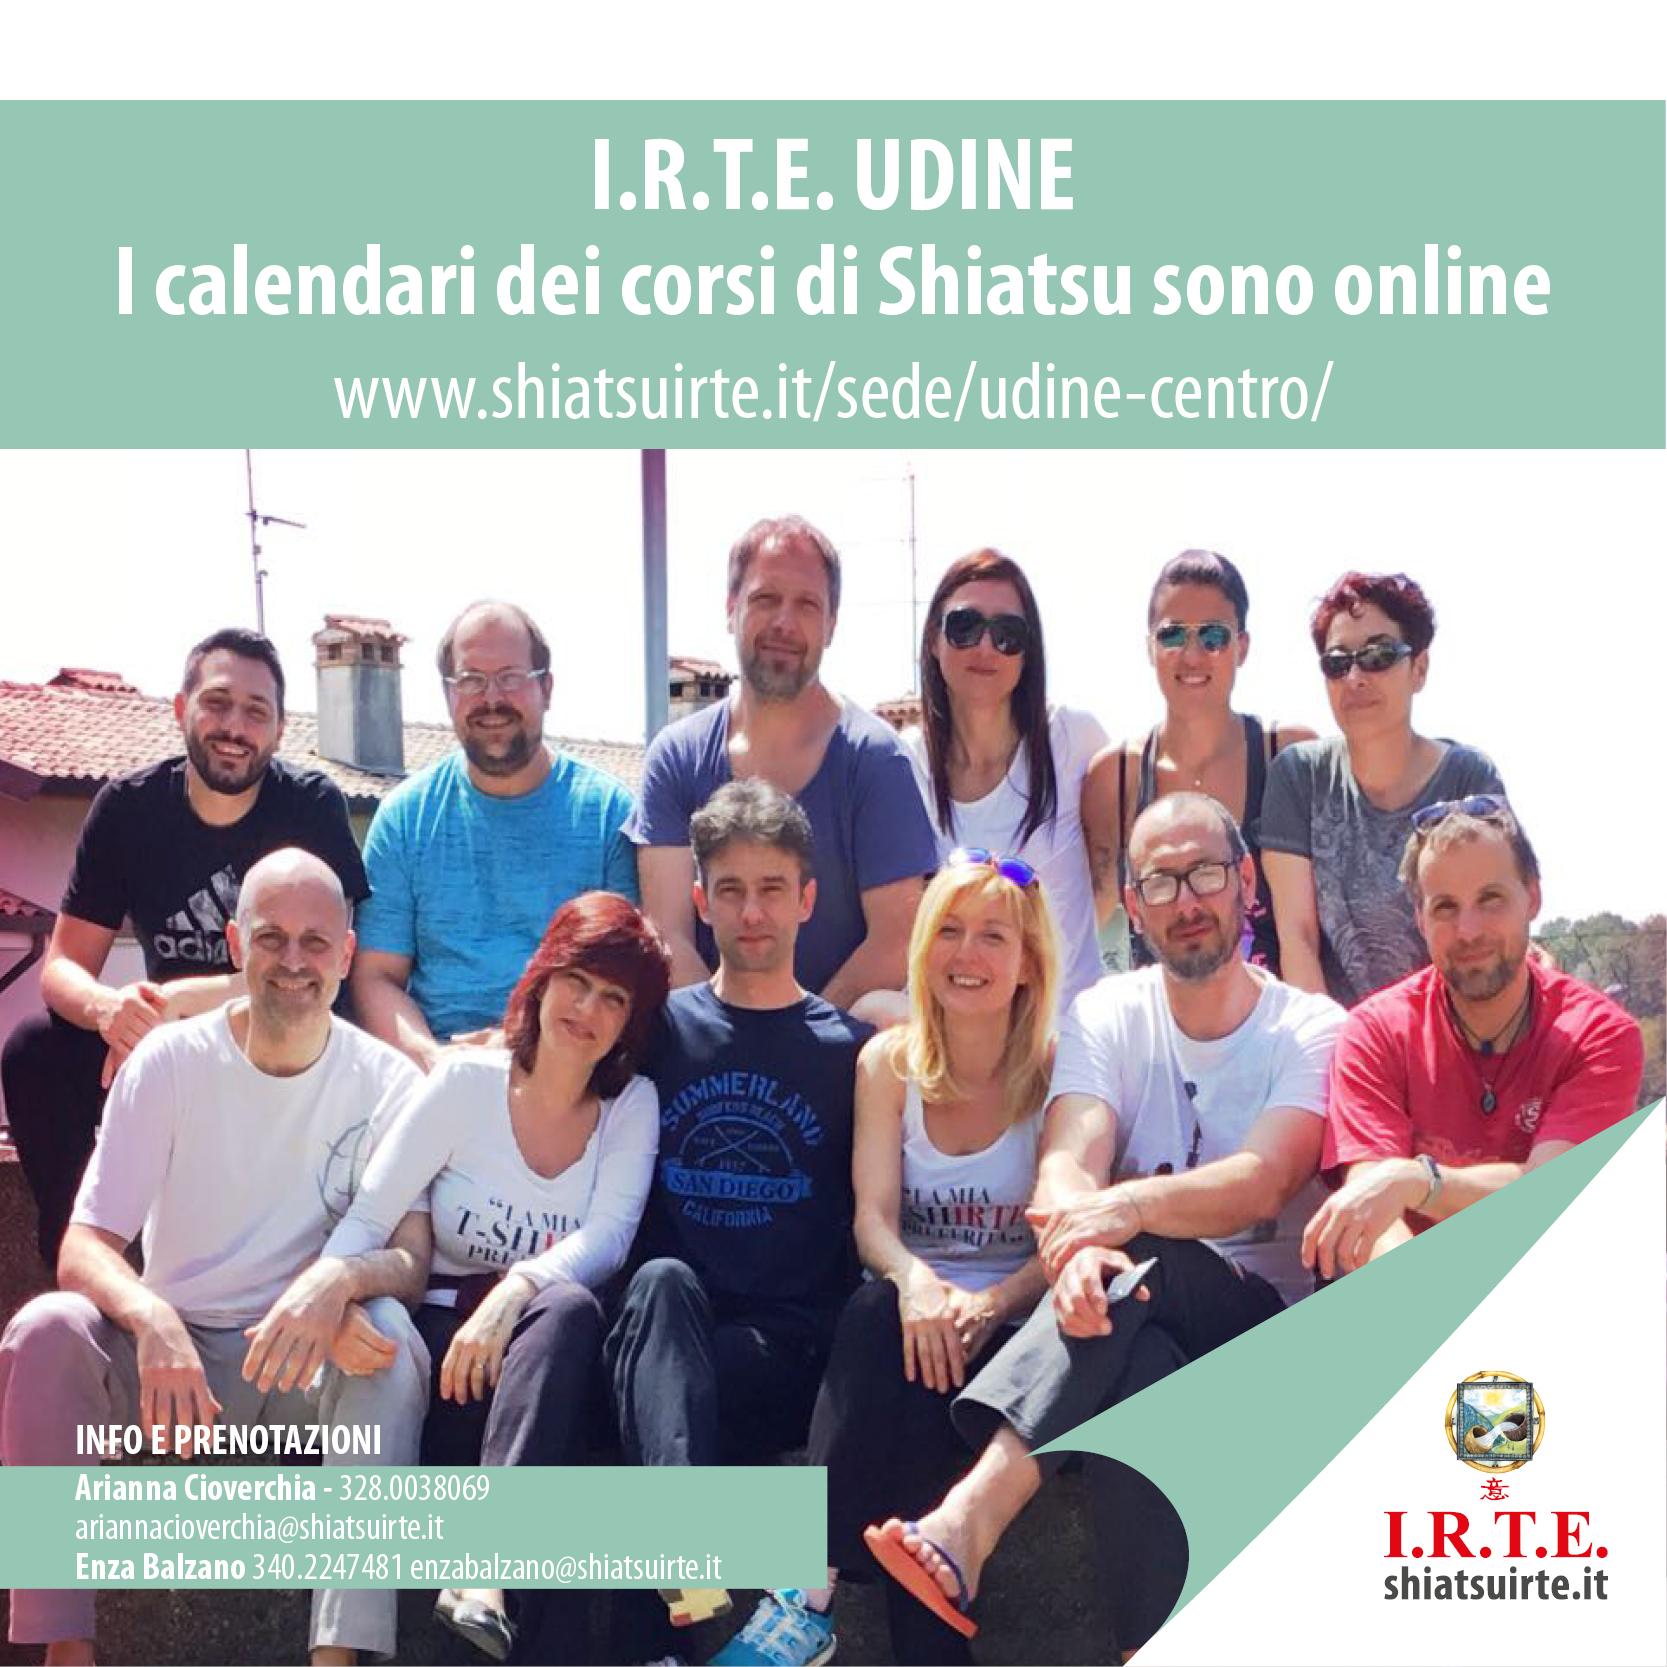 I calendari dei corsi Shiatsu I.R.T.E. di UDINE sono online!